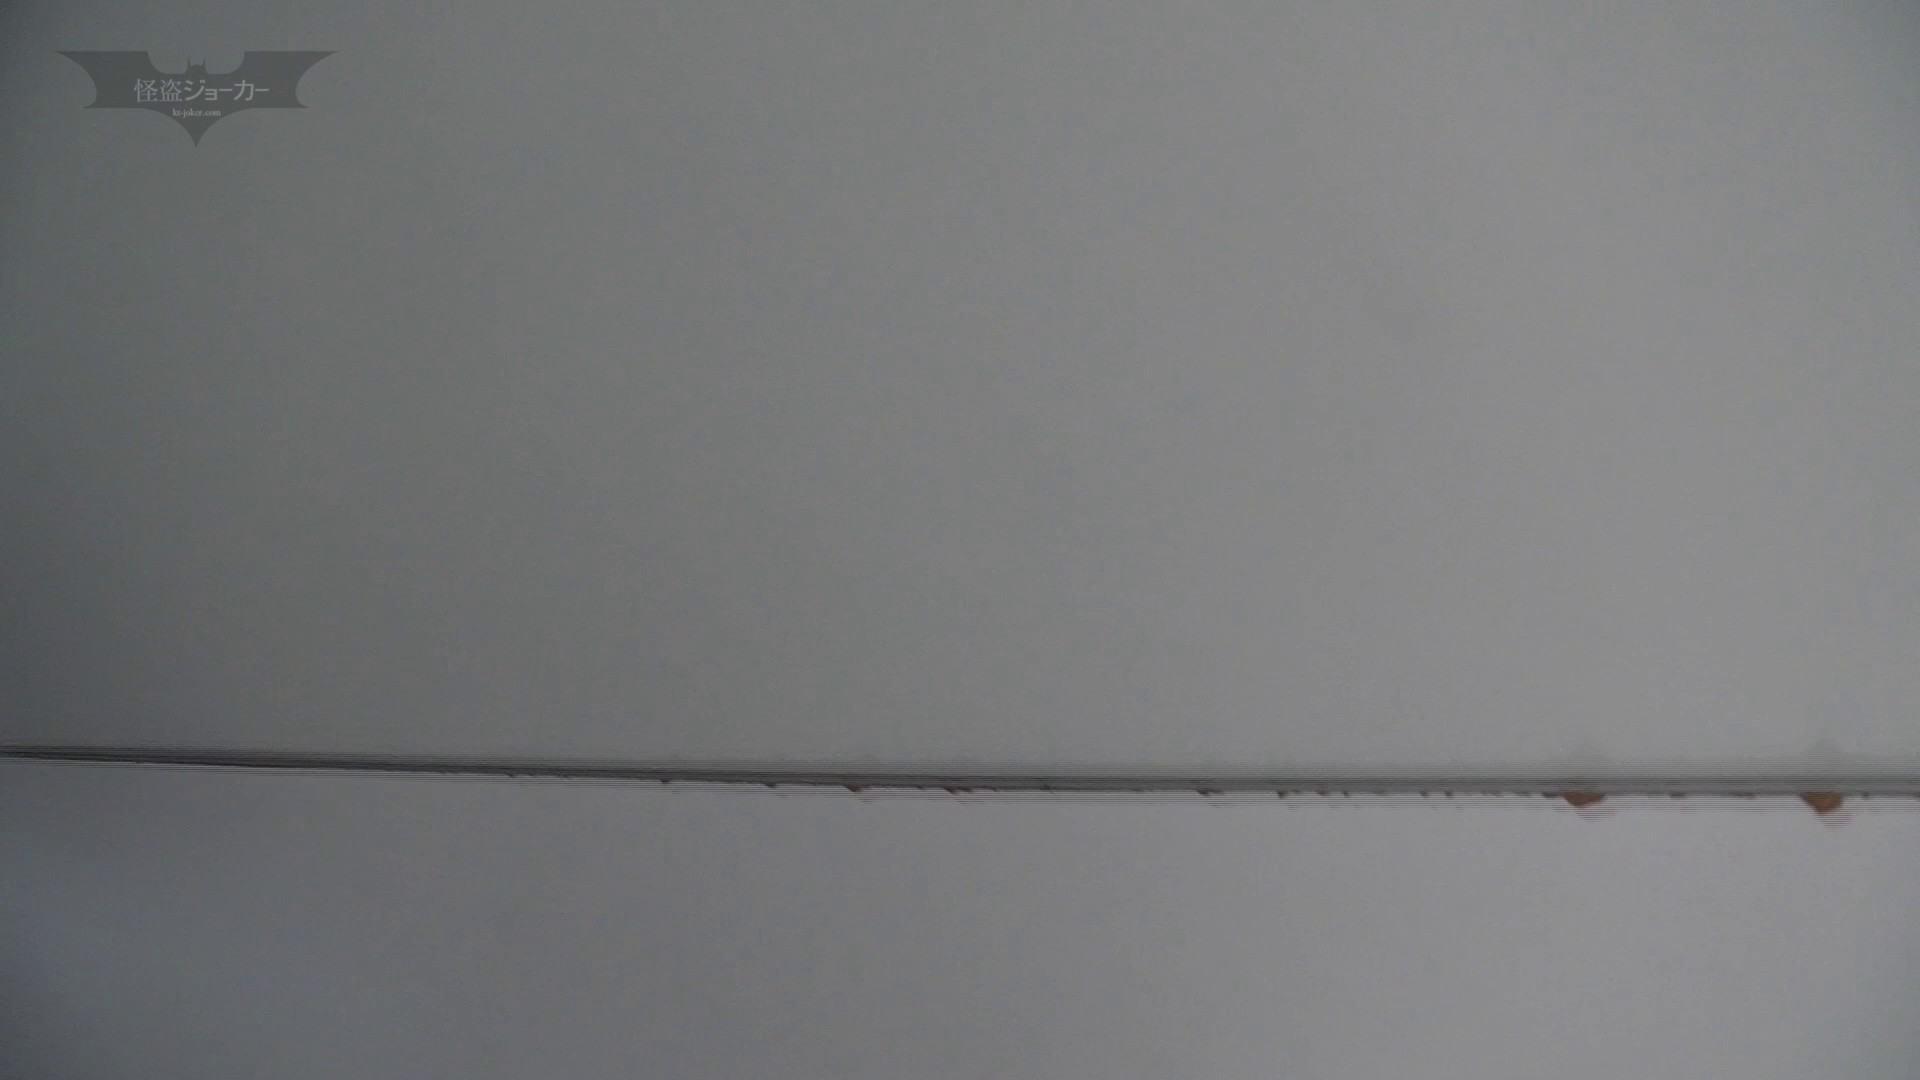 下からノゾム vol.031 扉を壊しみたら、漏れそうな子が閉じずに入ってくれた 色っぽいOL達 | 0  78pic 47